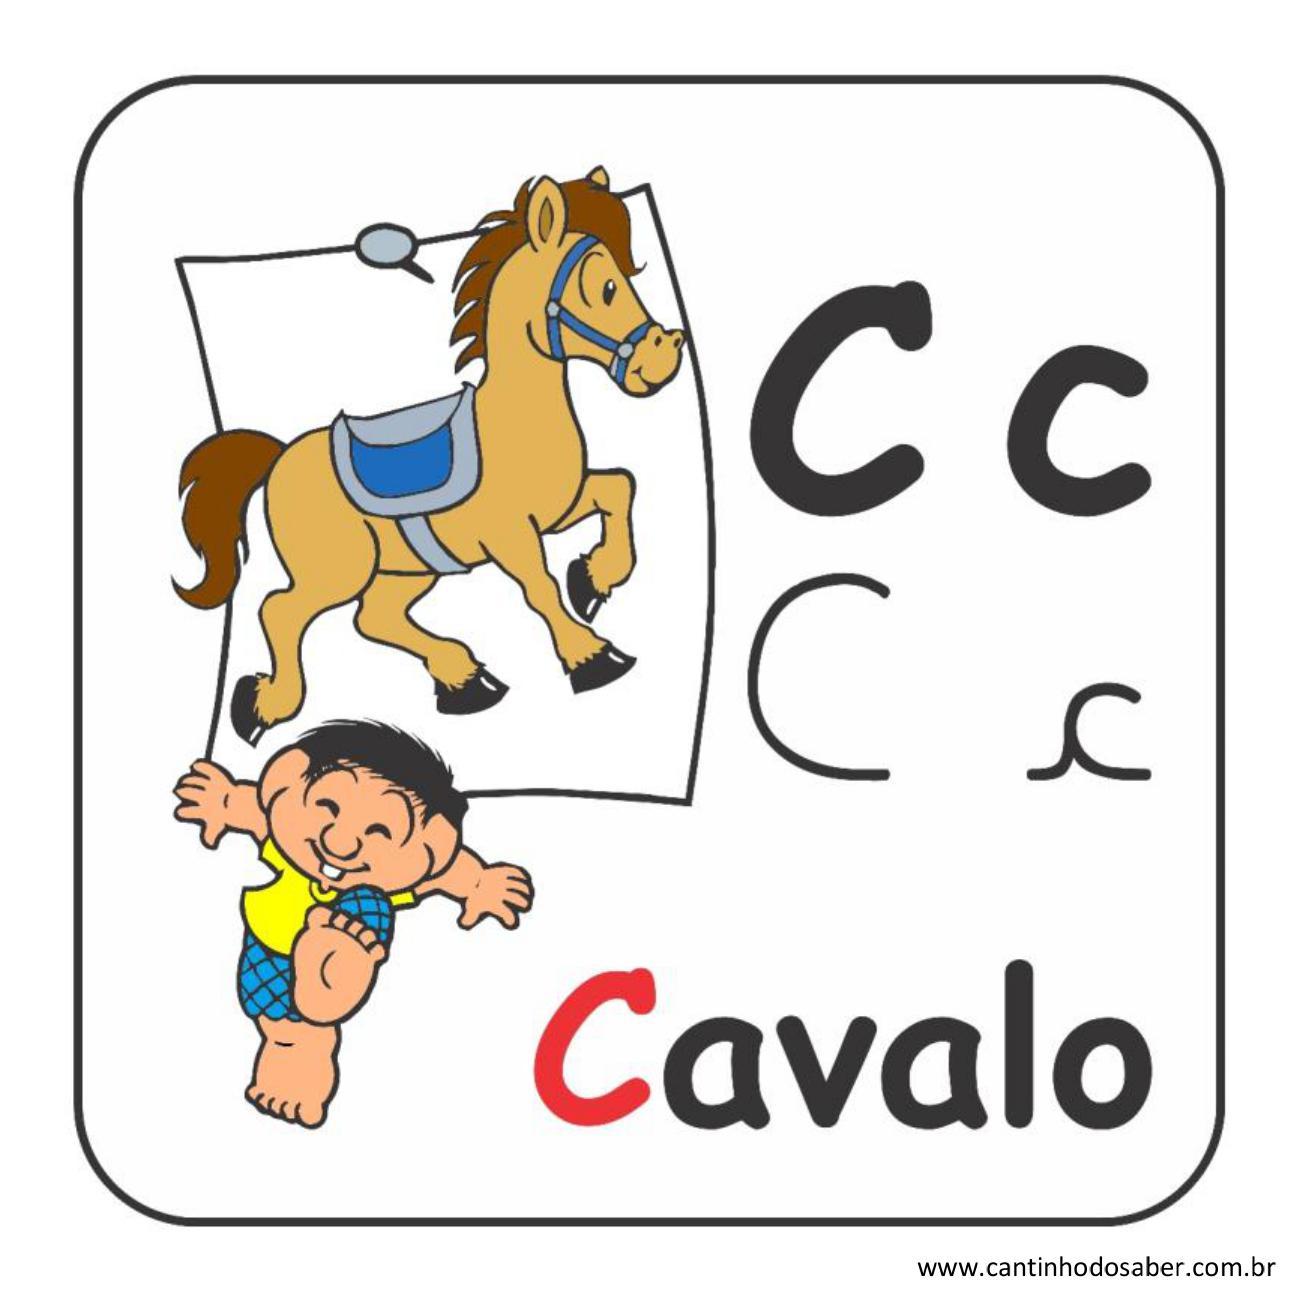 Alfabeto da turma da mônica em letra bastão e cursiva letra c